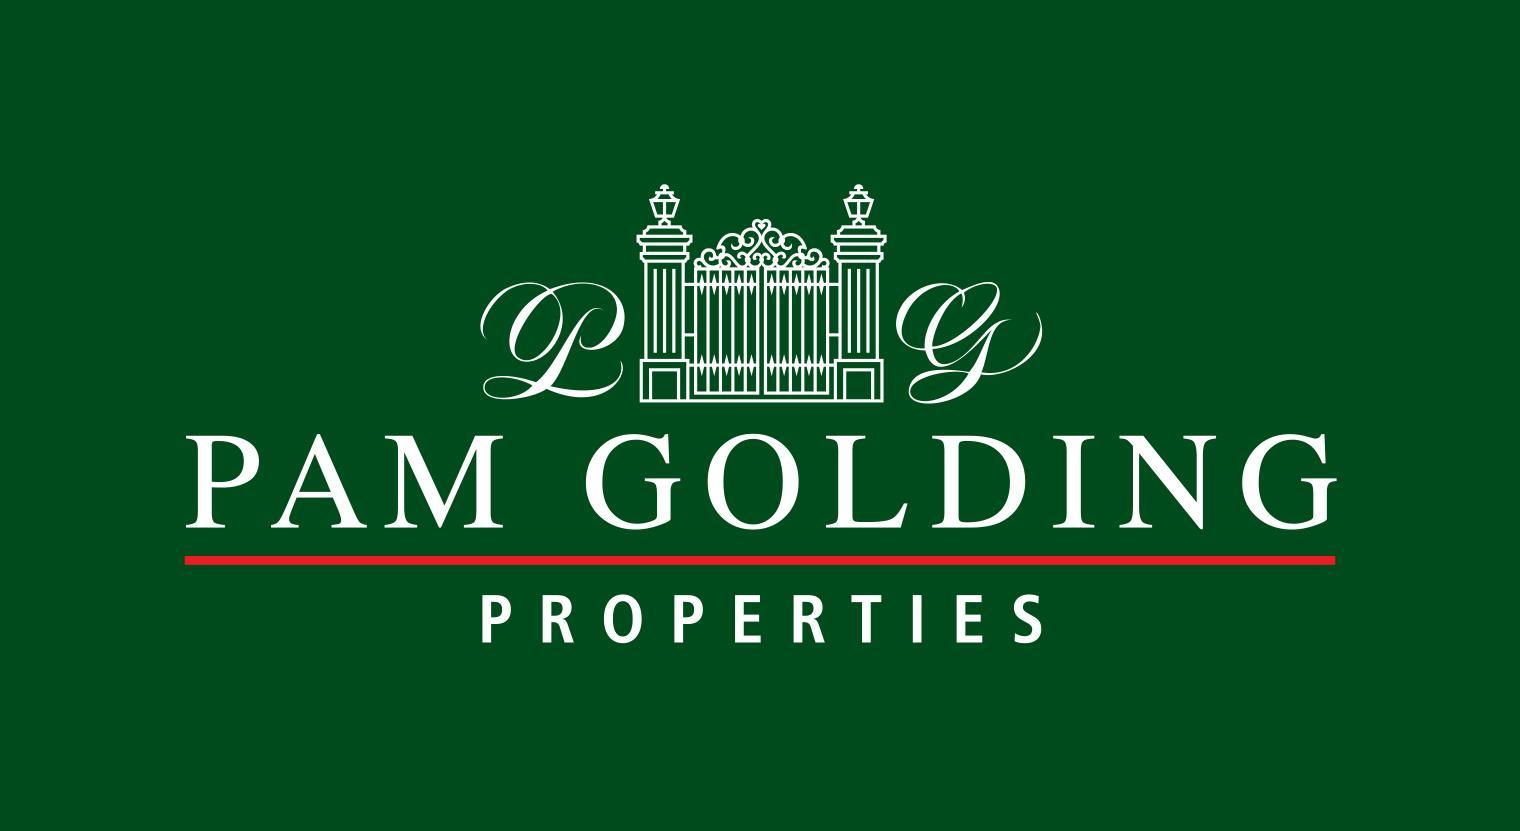 Pam Golding Properties Velddrif4.jpg